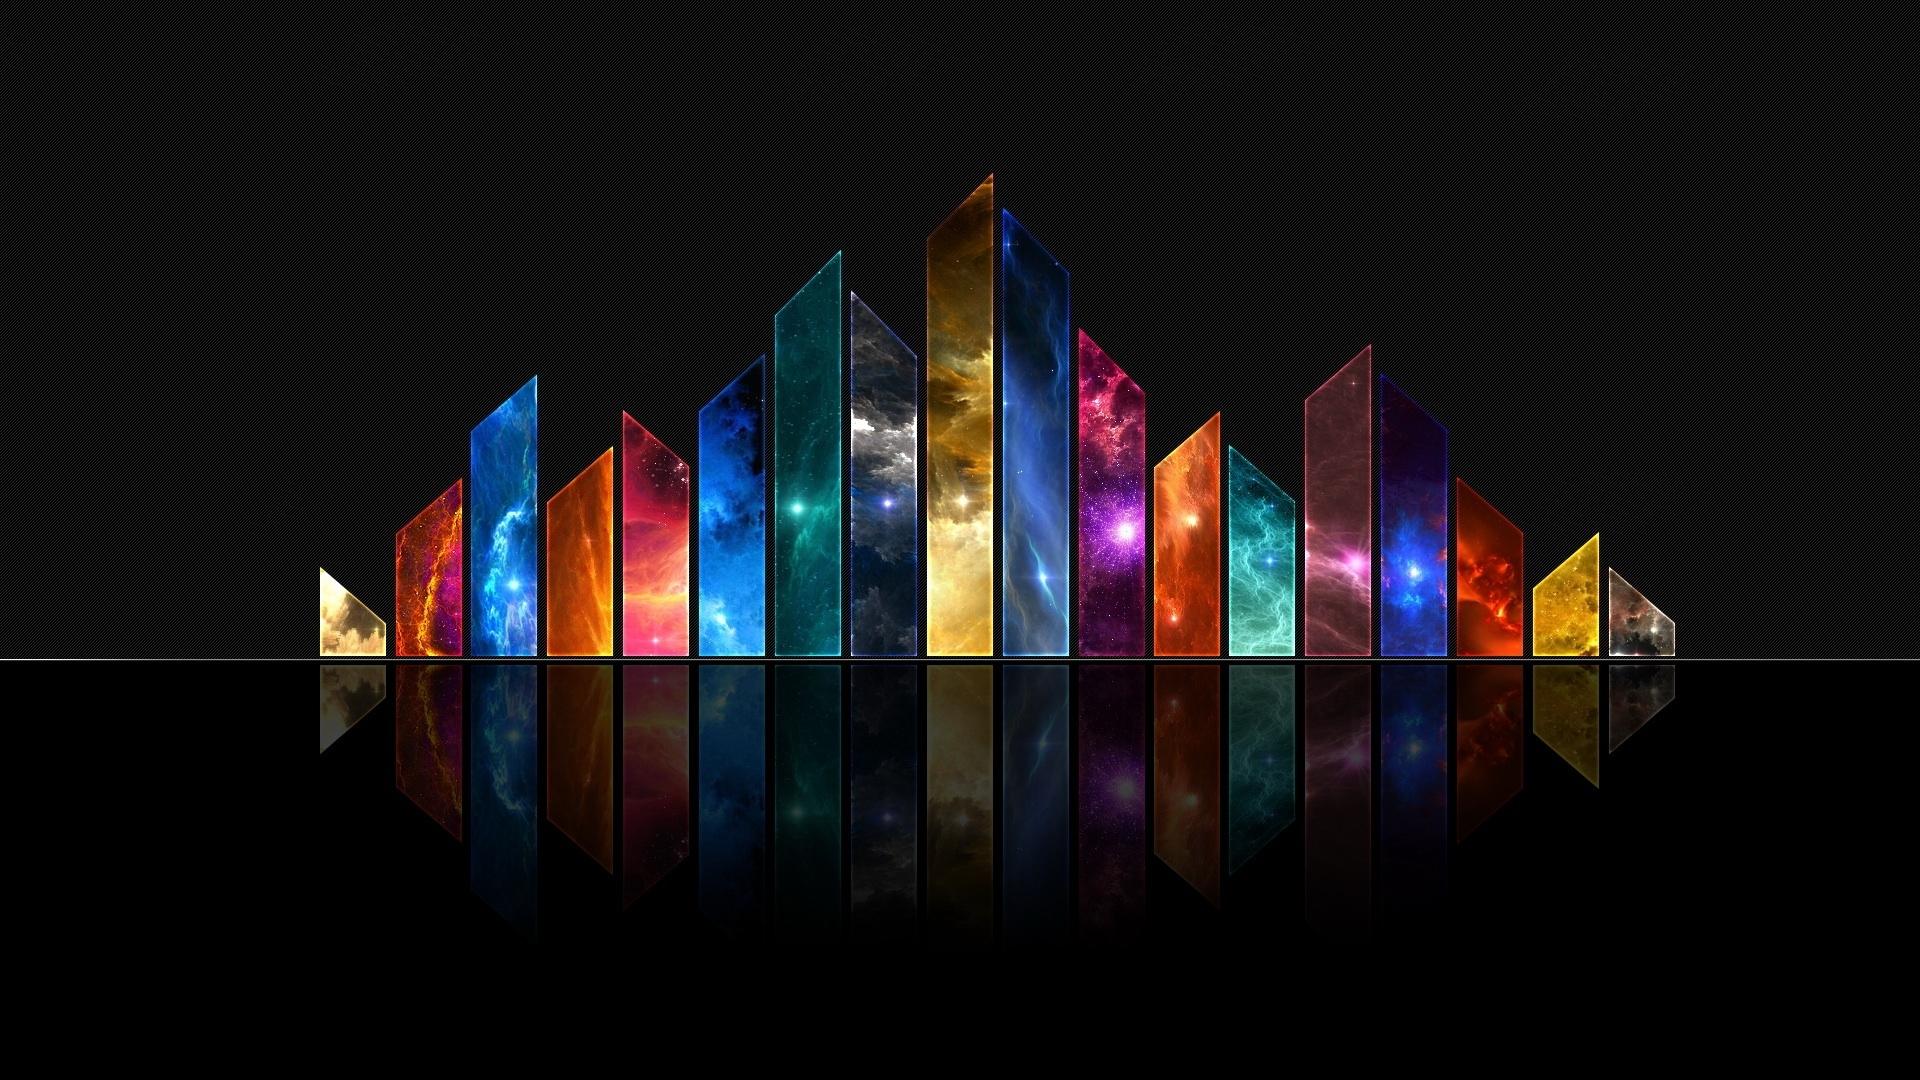 abstract wallpapers, desktop 4k full hd pics, d-screens